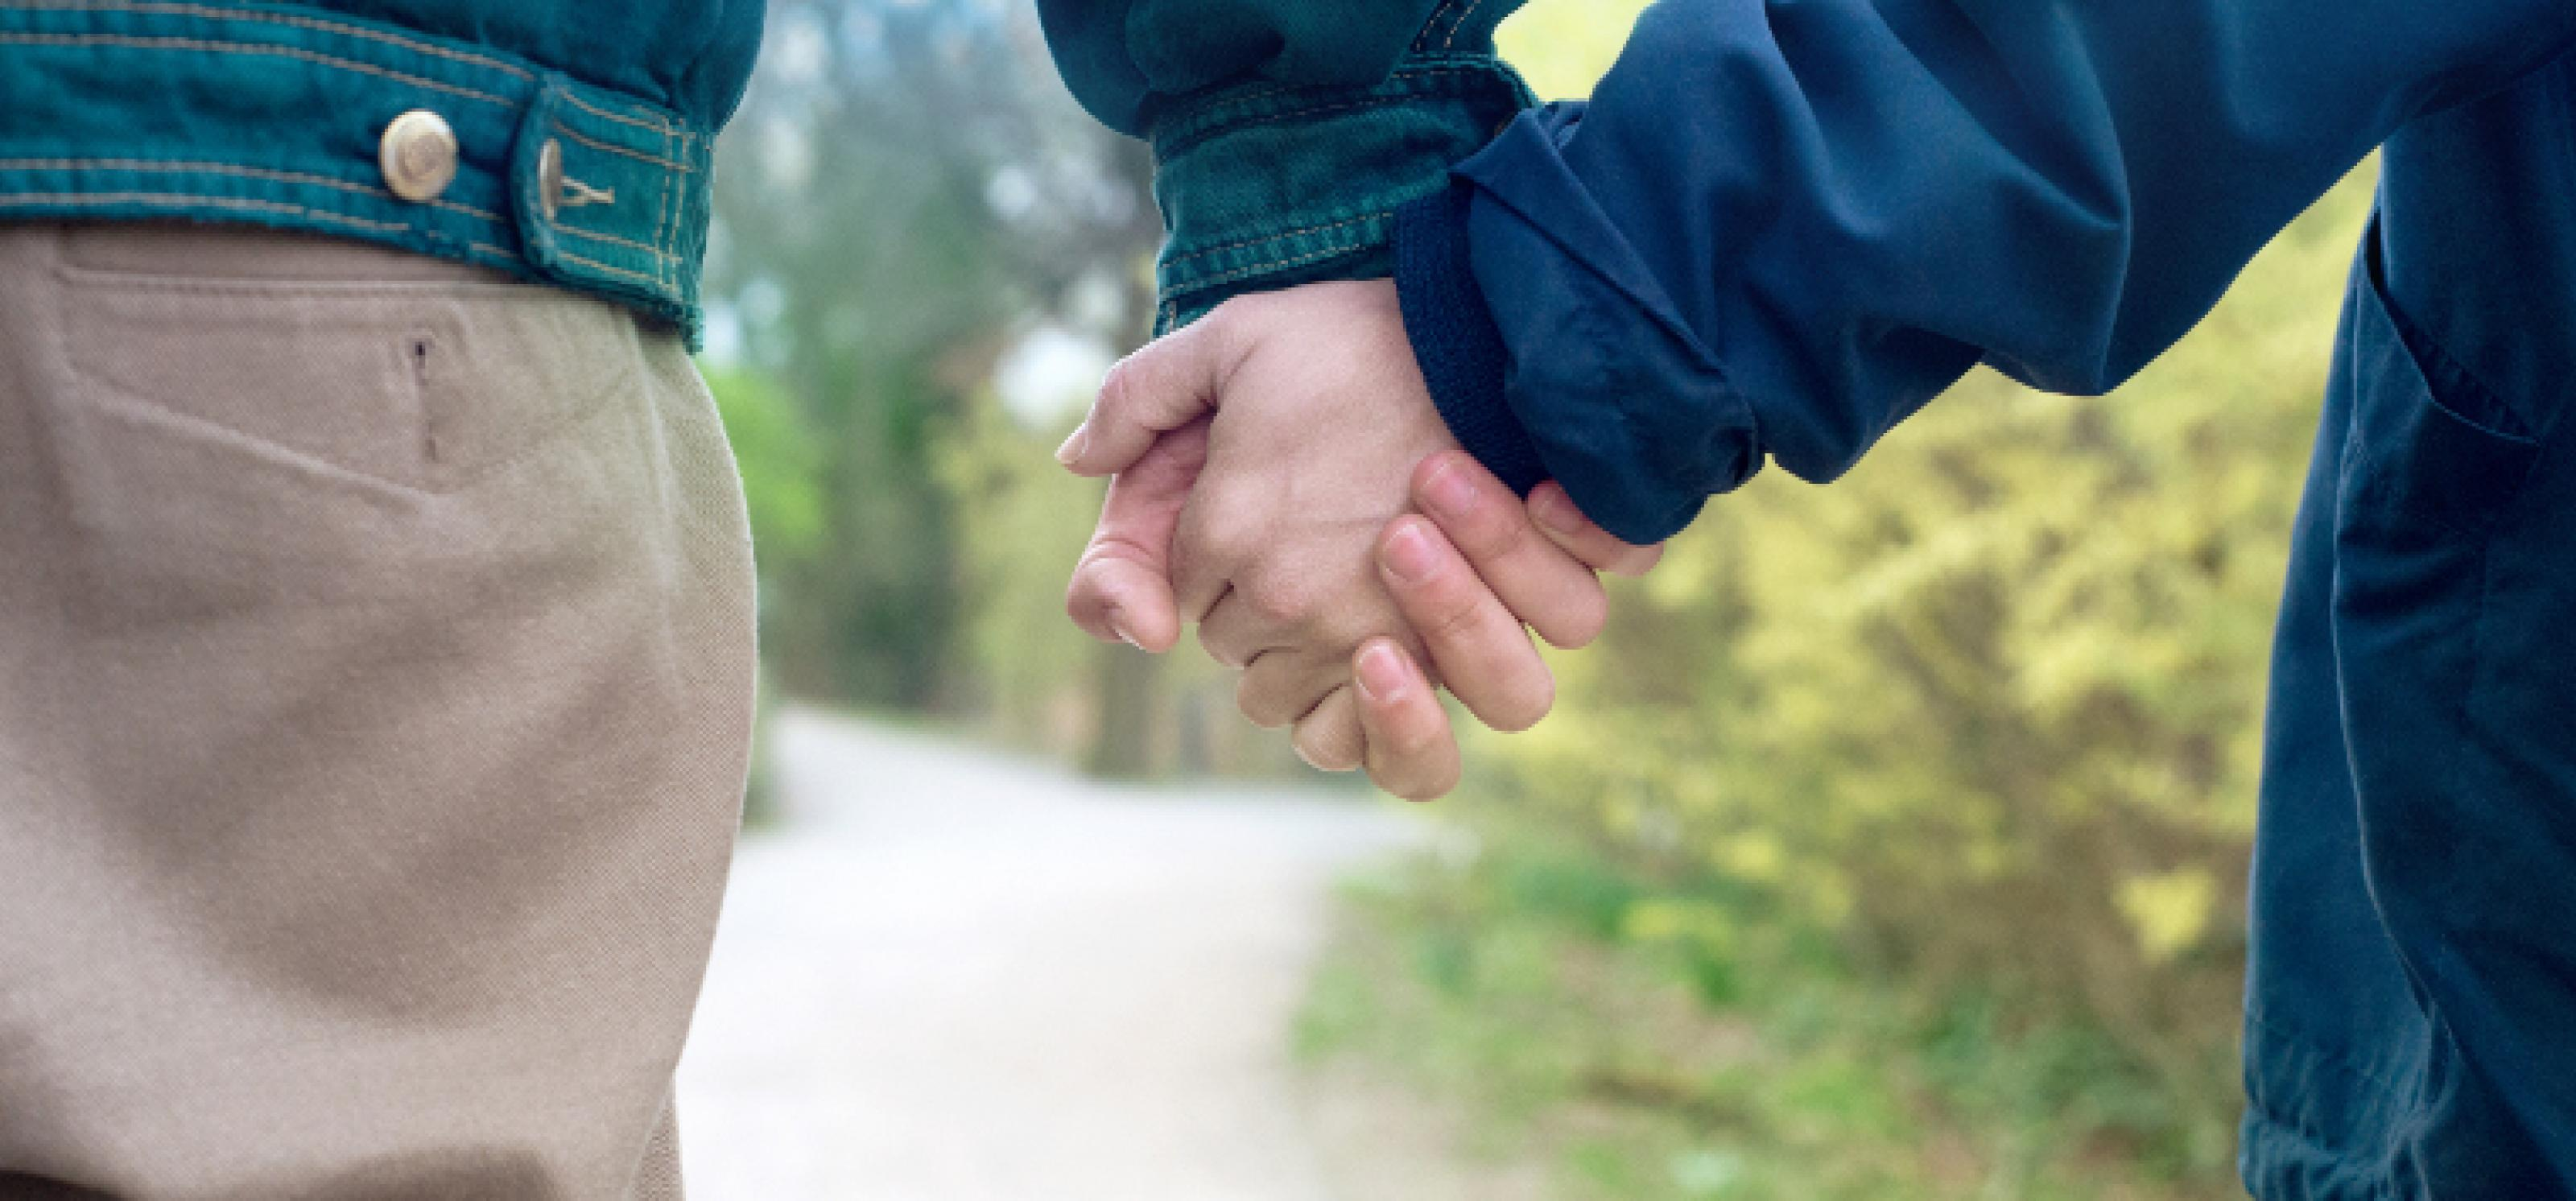 Zwei Menschen in Partnerschaft halten miteinander Händchen